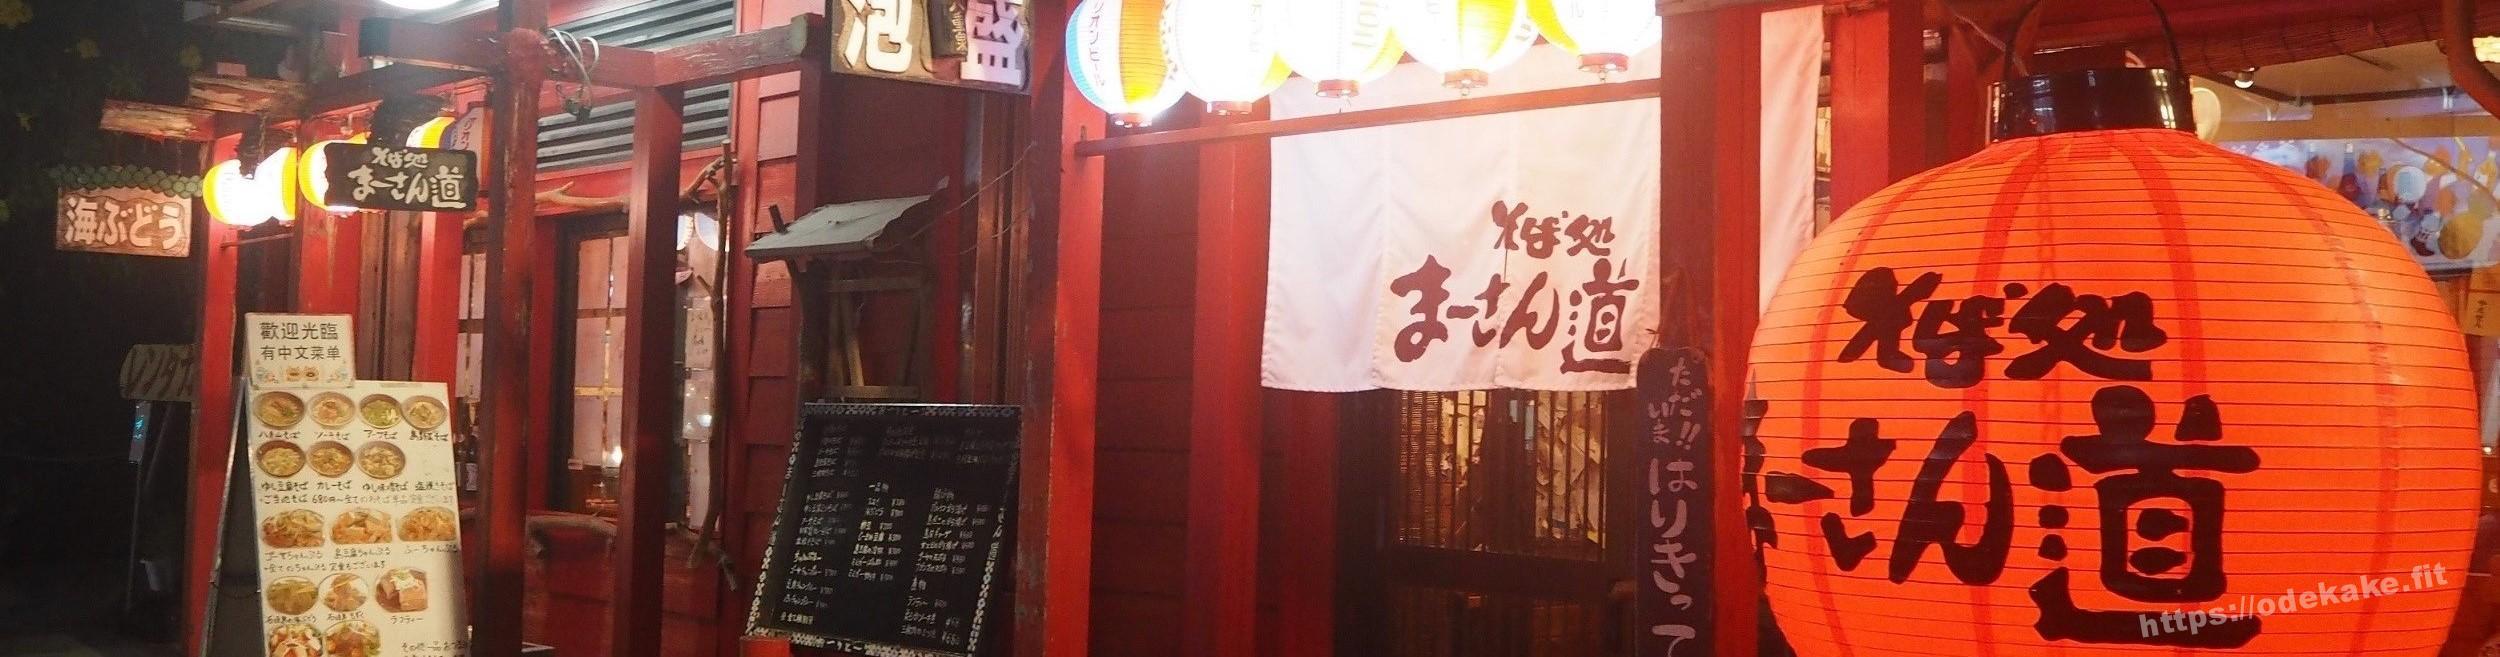 【石垣島】4日目の夕飯はまーさん道で居酒屋めし